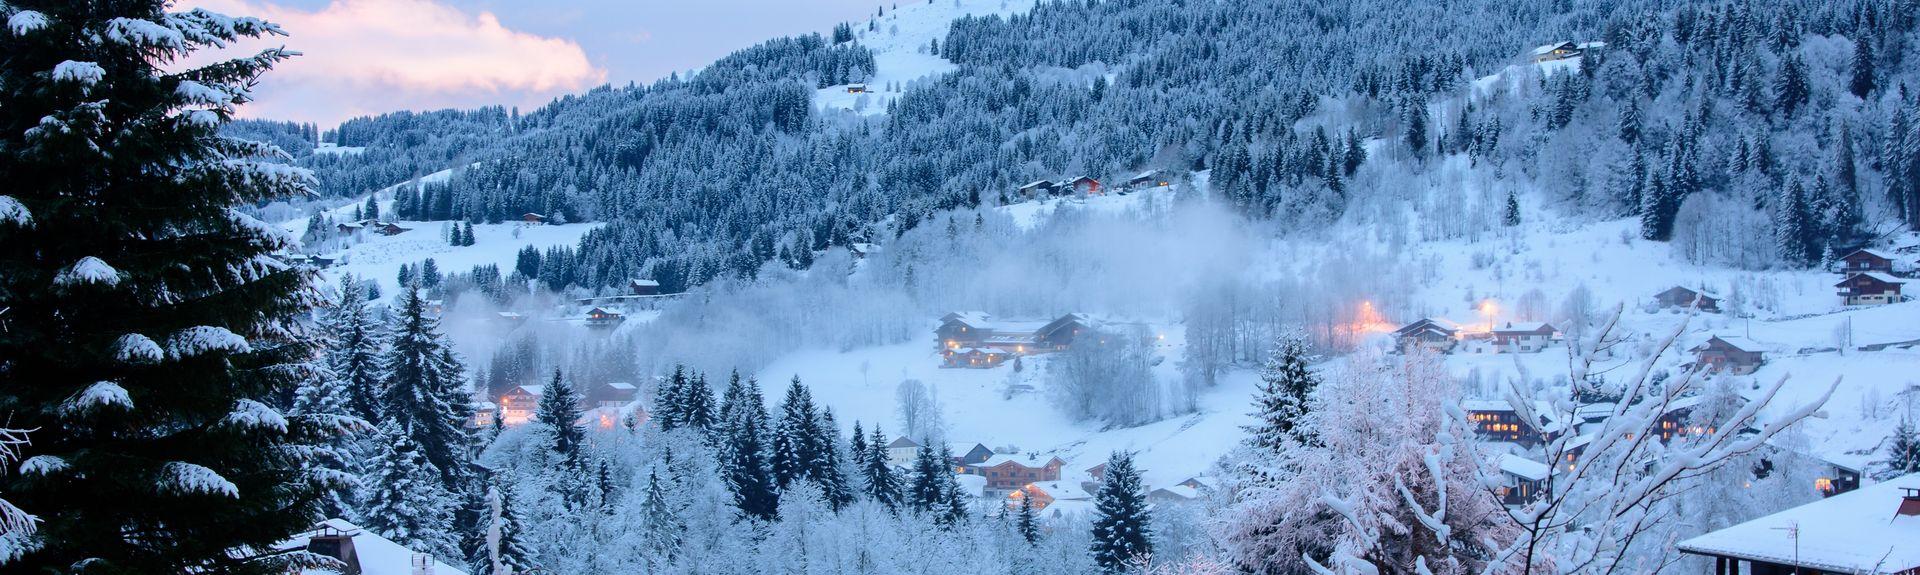 Les Gets, Haute-Savoie (département), France